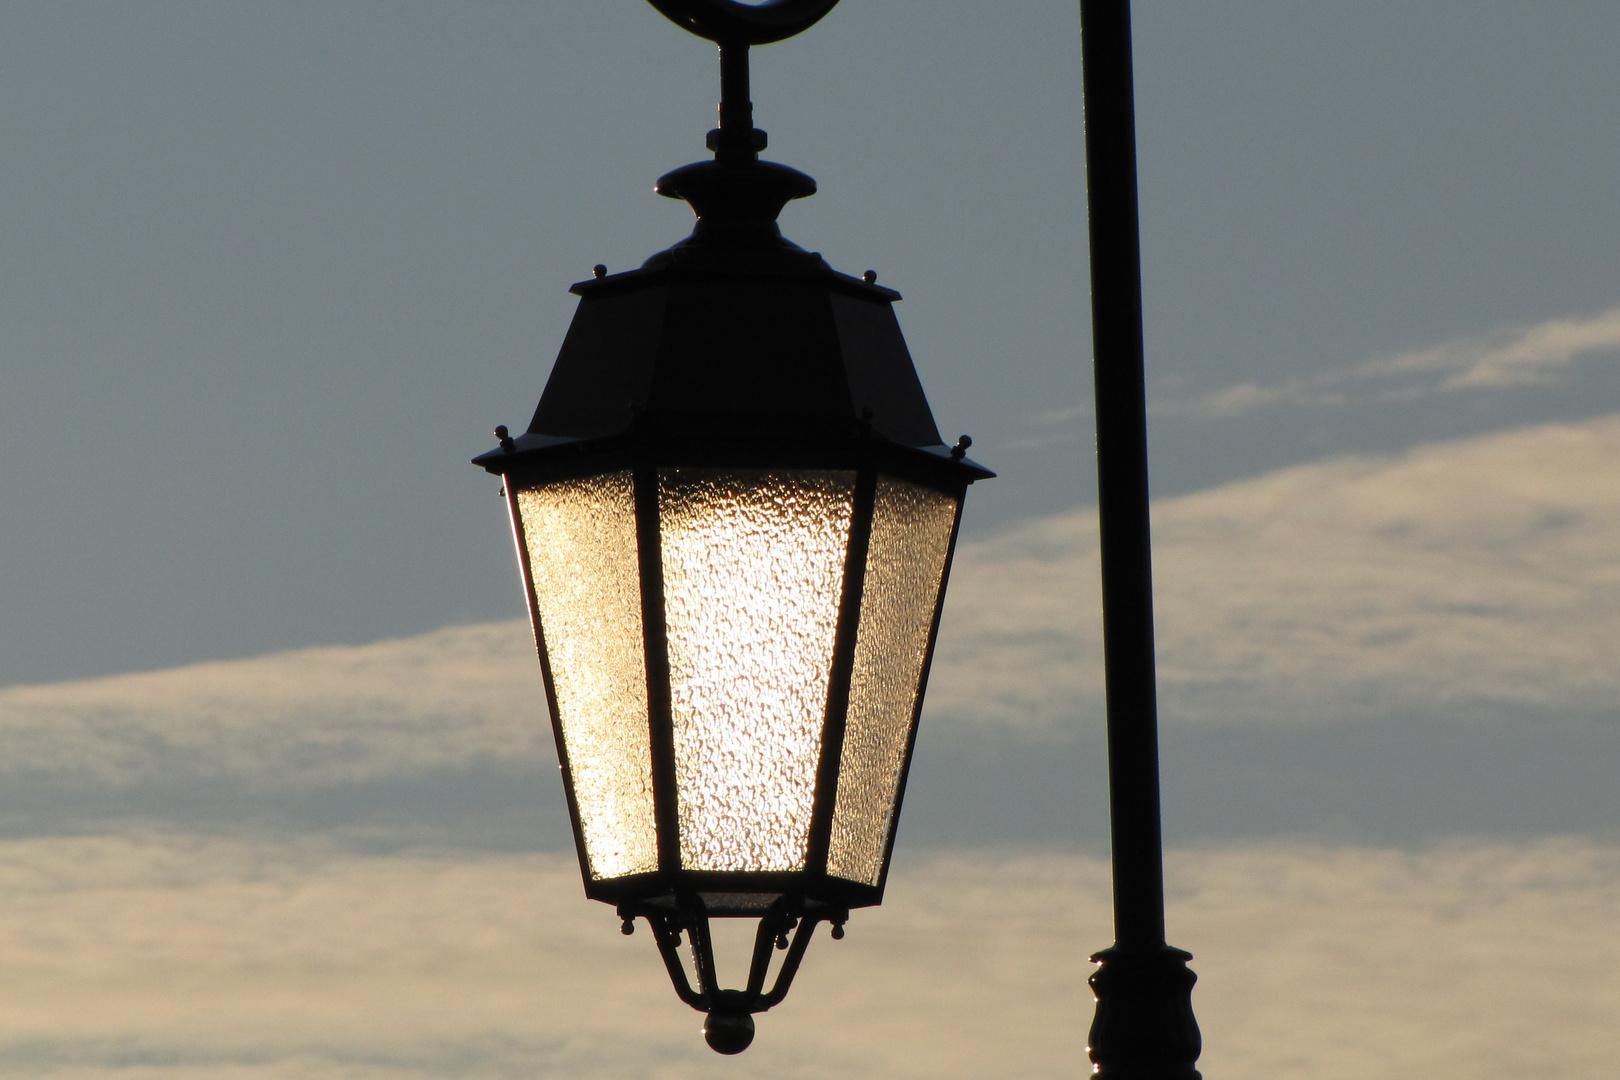 natürliche Beleuchtung